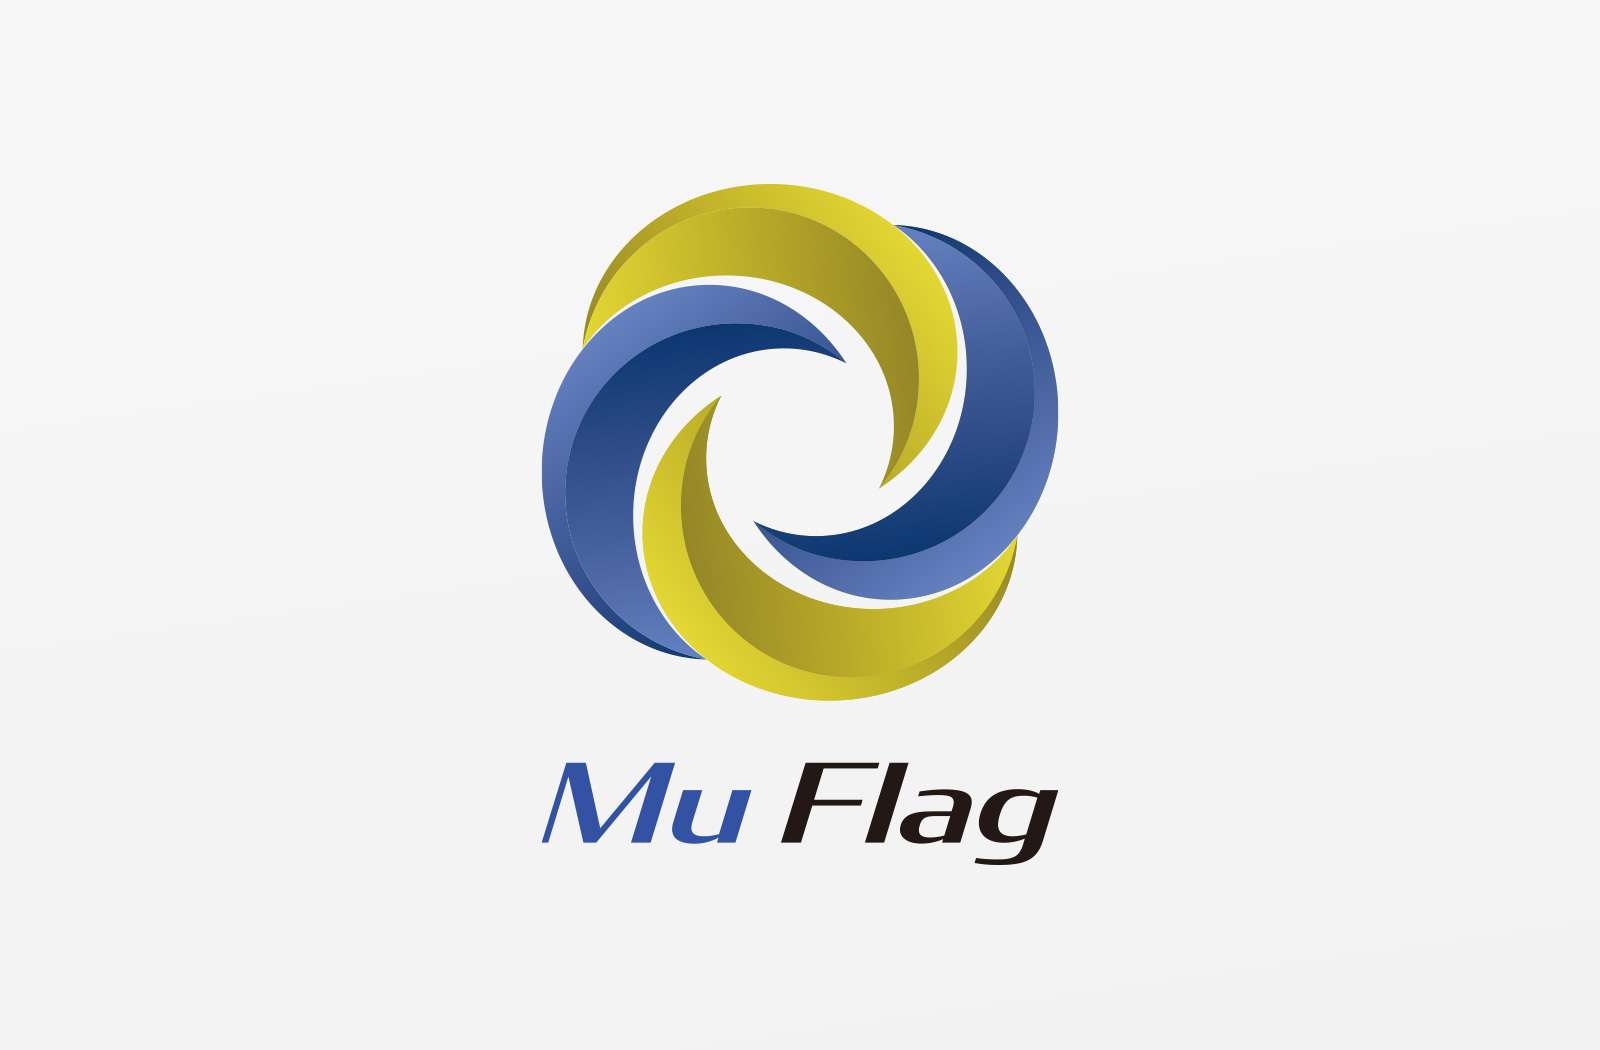 Mu Flag ロゴ